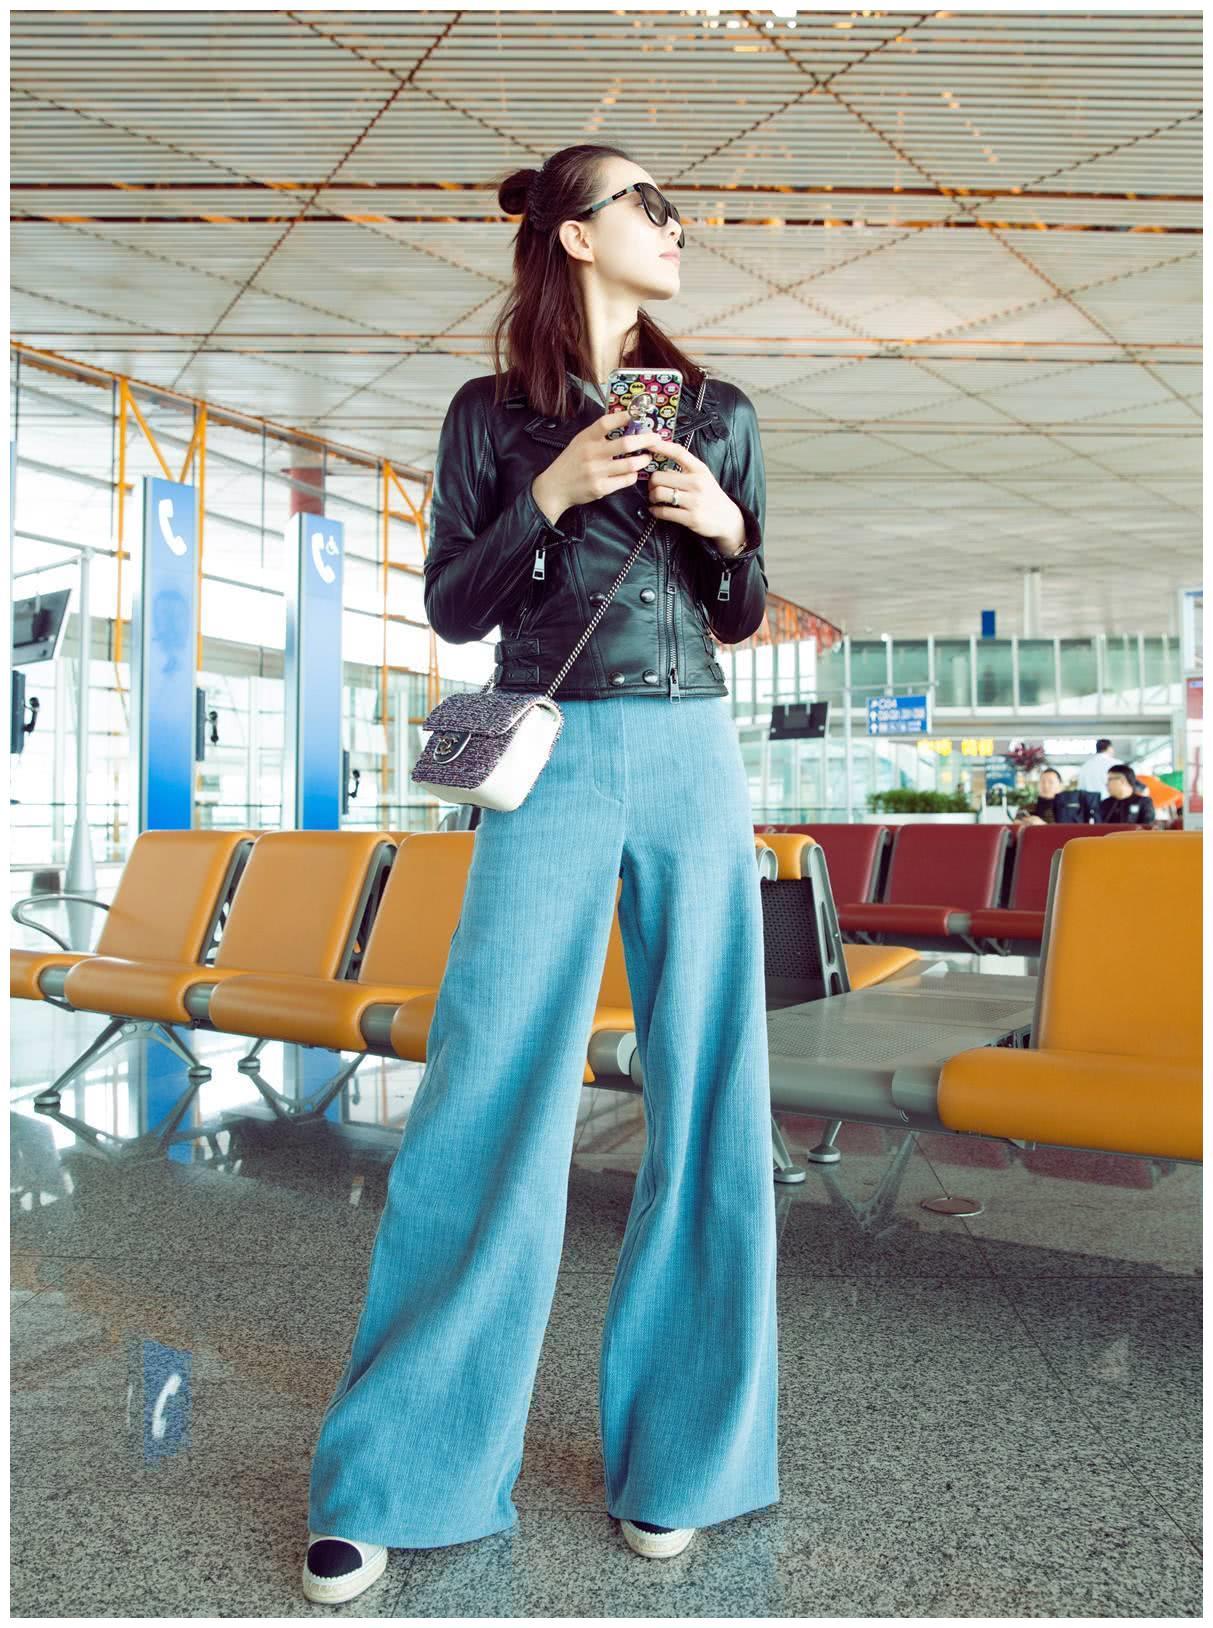 空姐爆料,刘诗诗在飞机上举动,很暖心